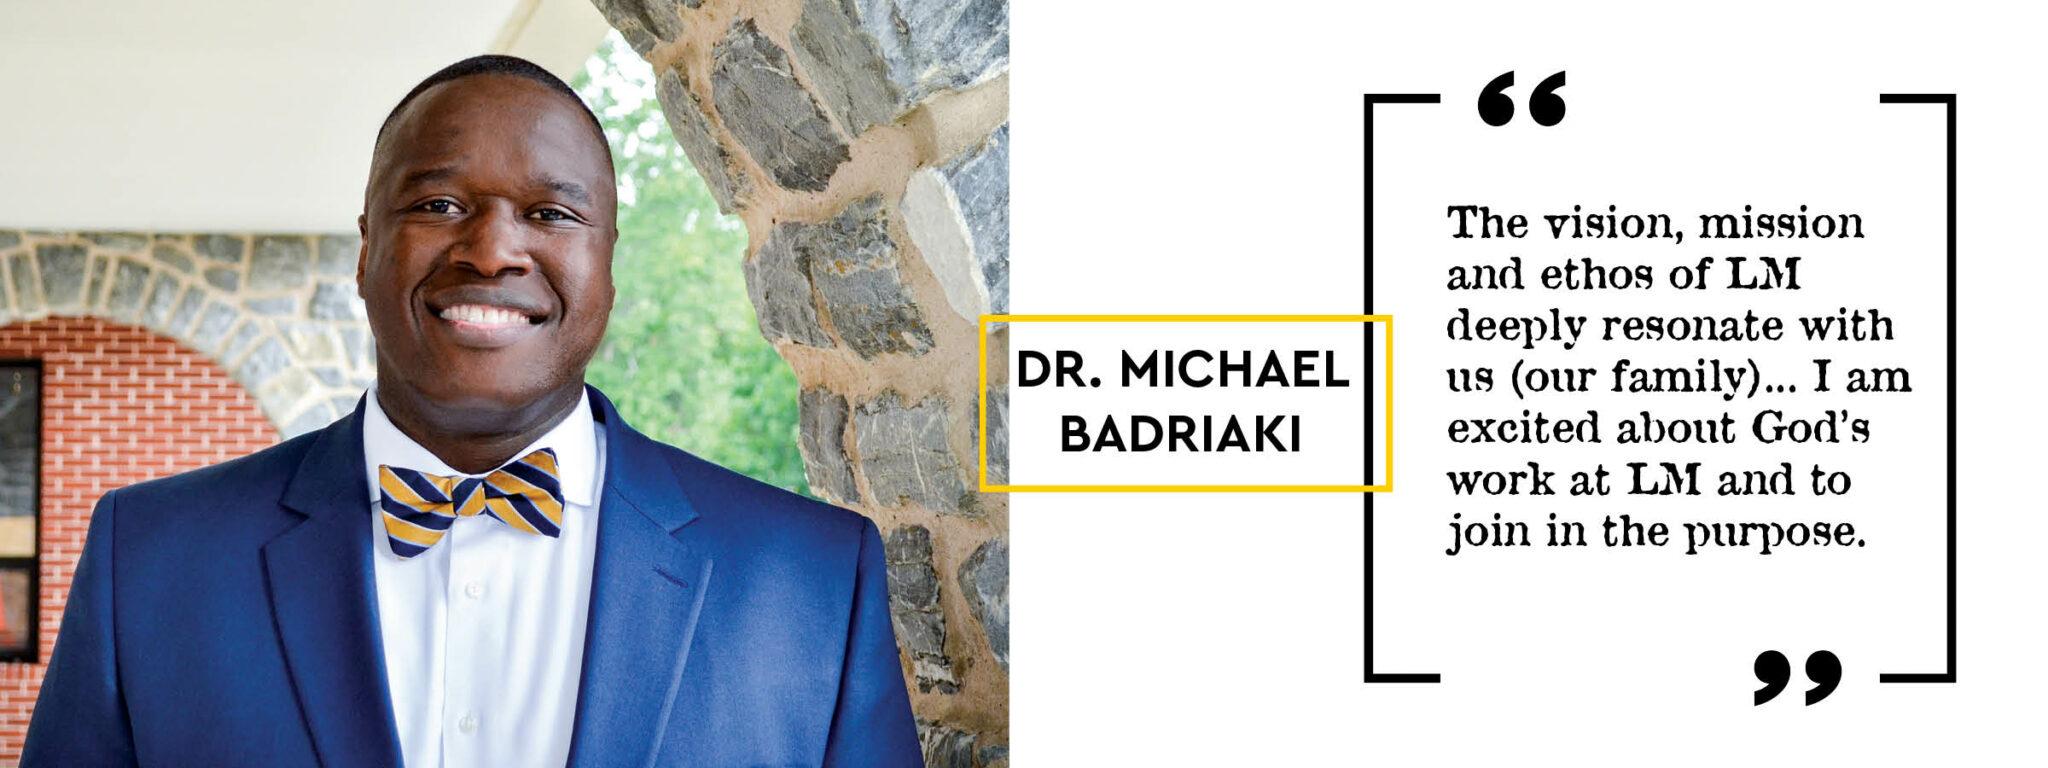 michael badriaki quote